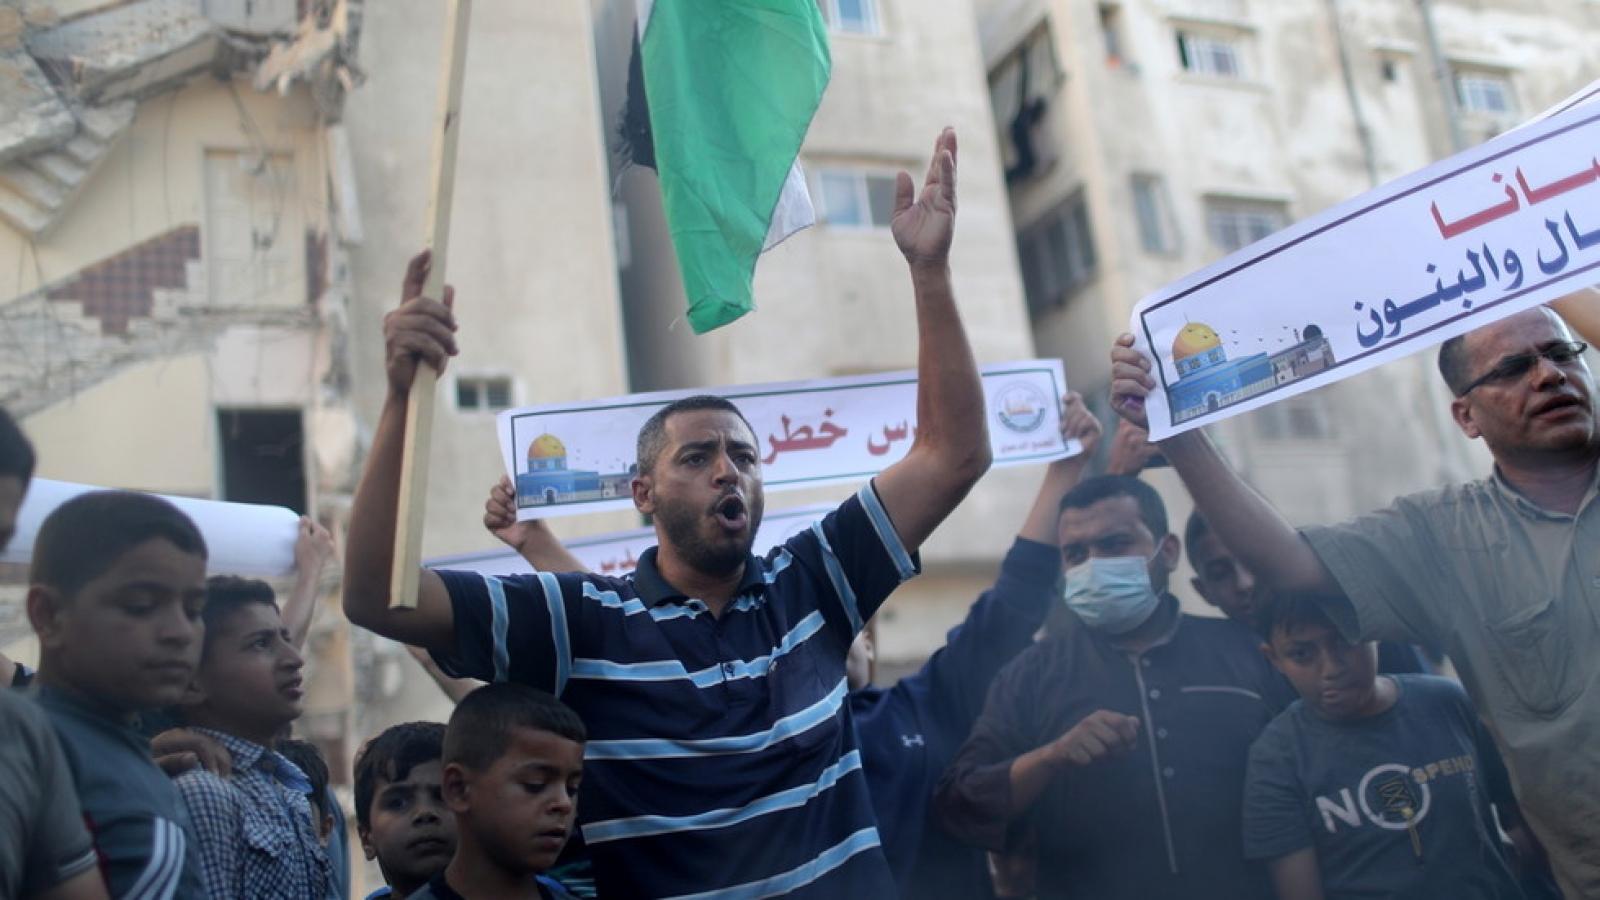 Chính phủ mới vừa nắm quyền, Israel không kích Gaza phá bỏ lệnh ngừng bắn